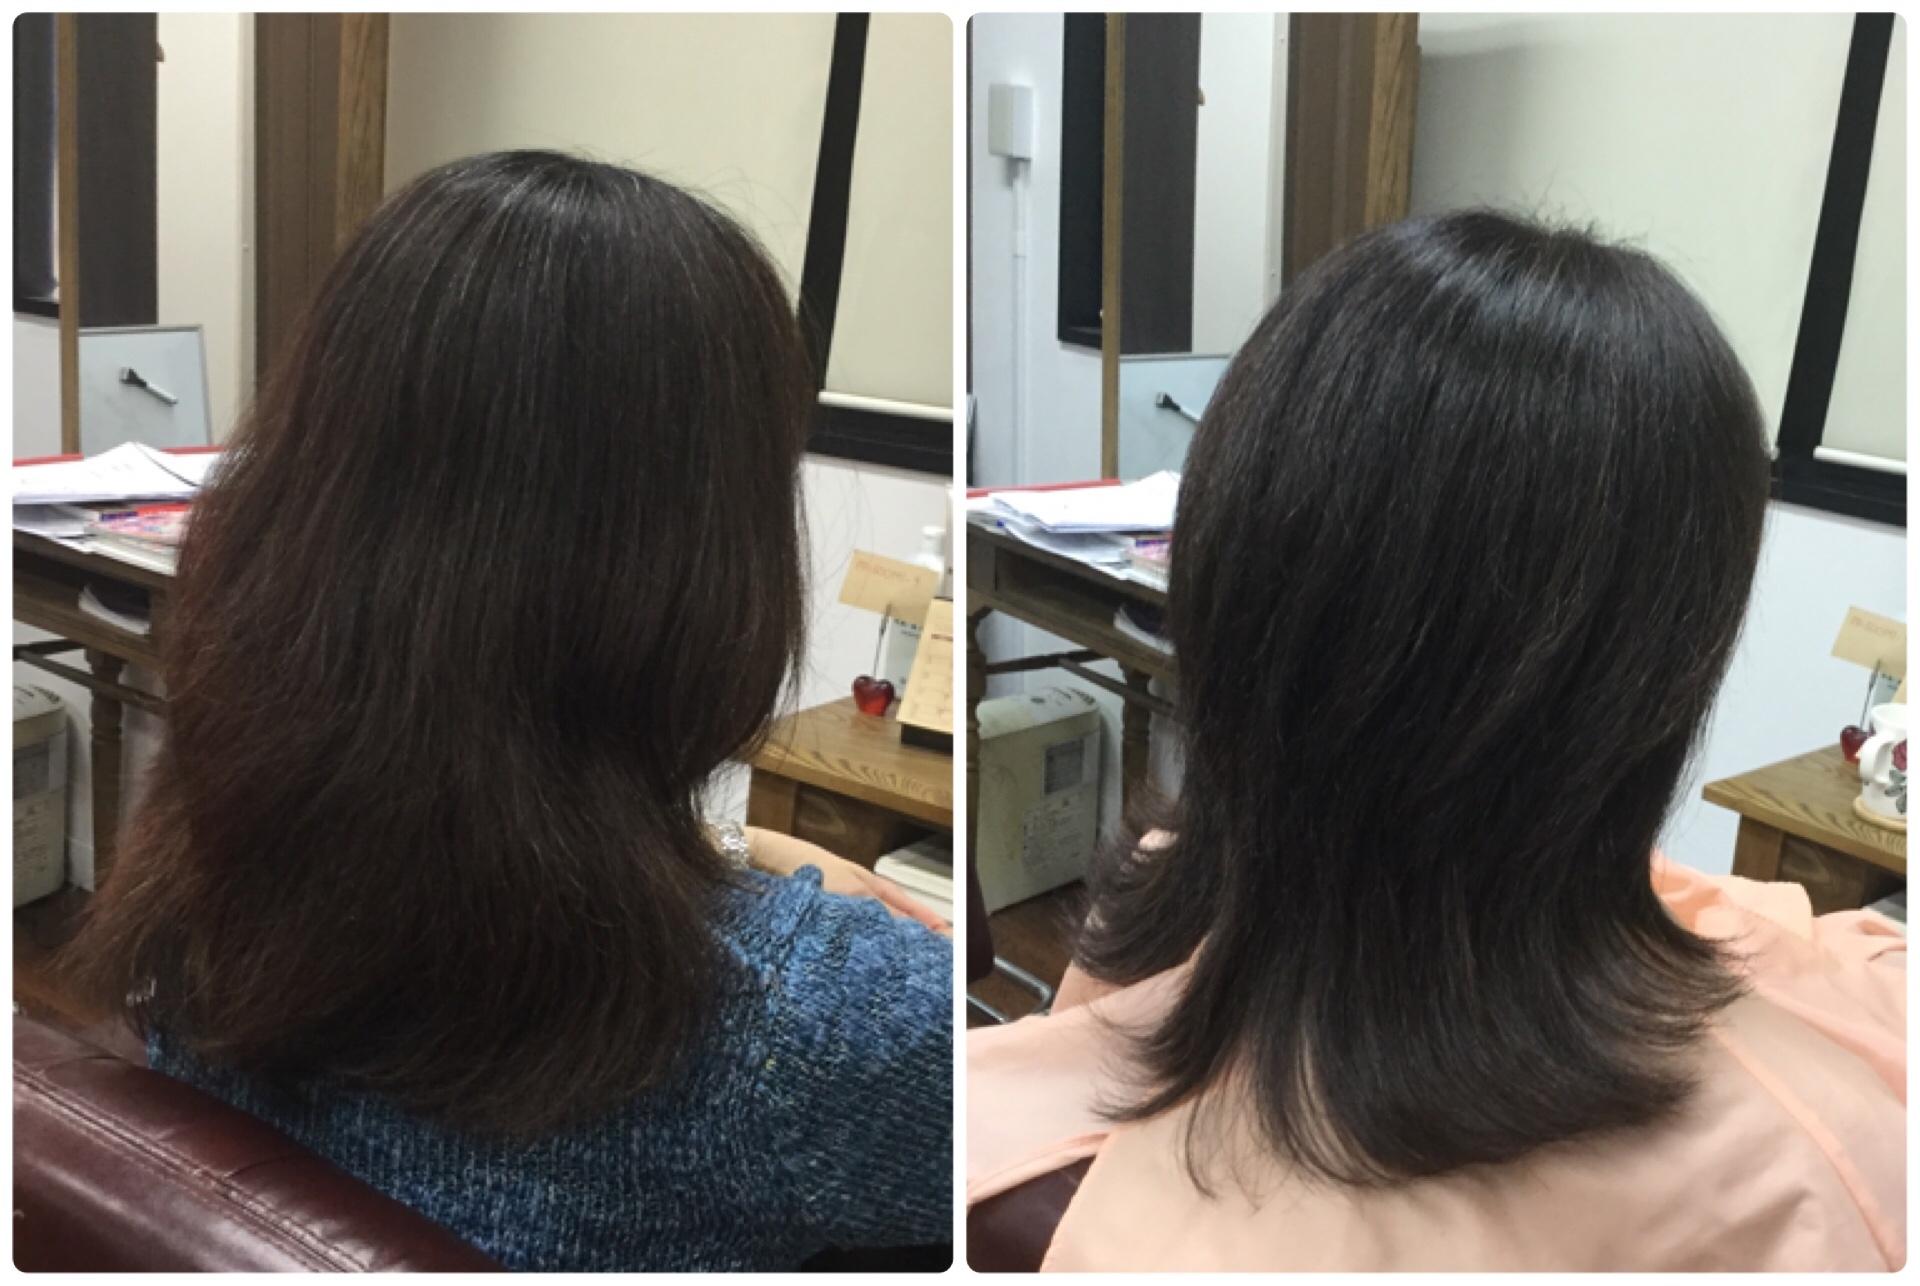 【多毛・広がる・ふくらむ】から梳くは大きな間違い!神戸くせ毛専門美容室アバディ